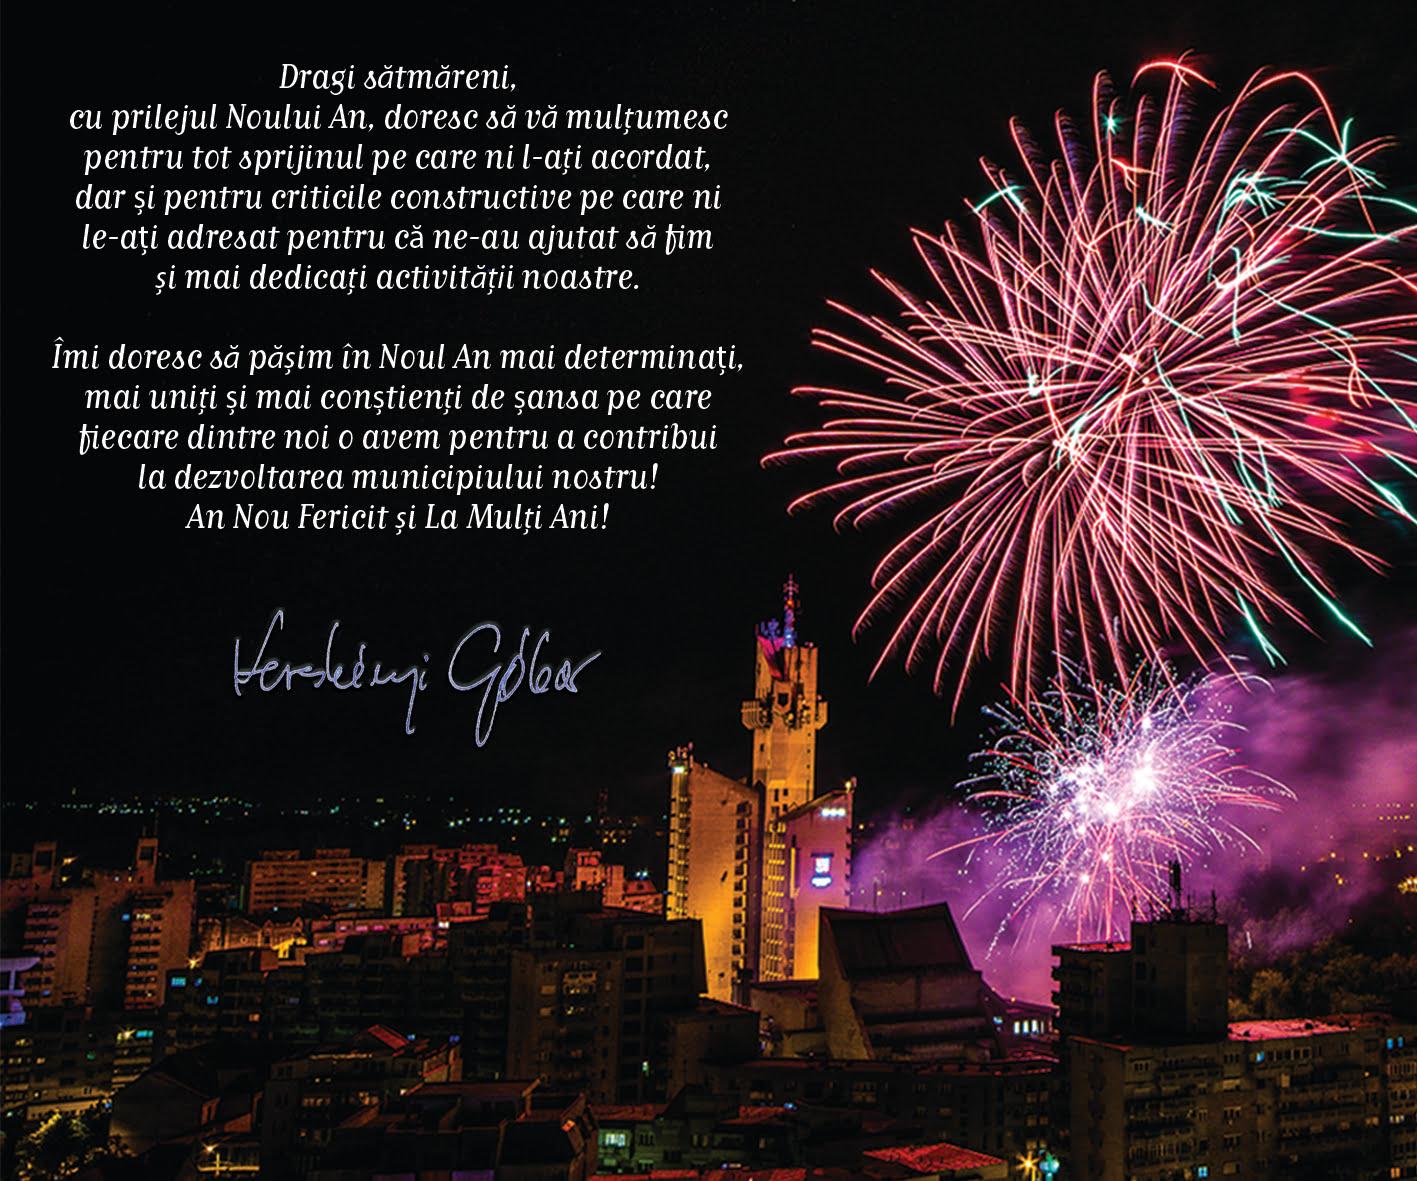 Mesajul primarului Kereskenyi Gabor de Anul Nou